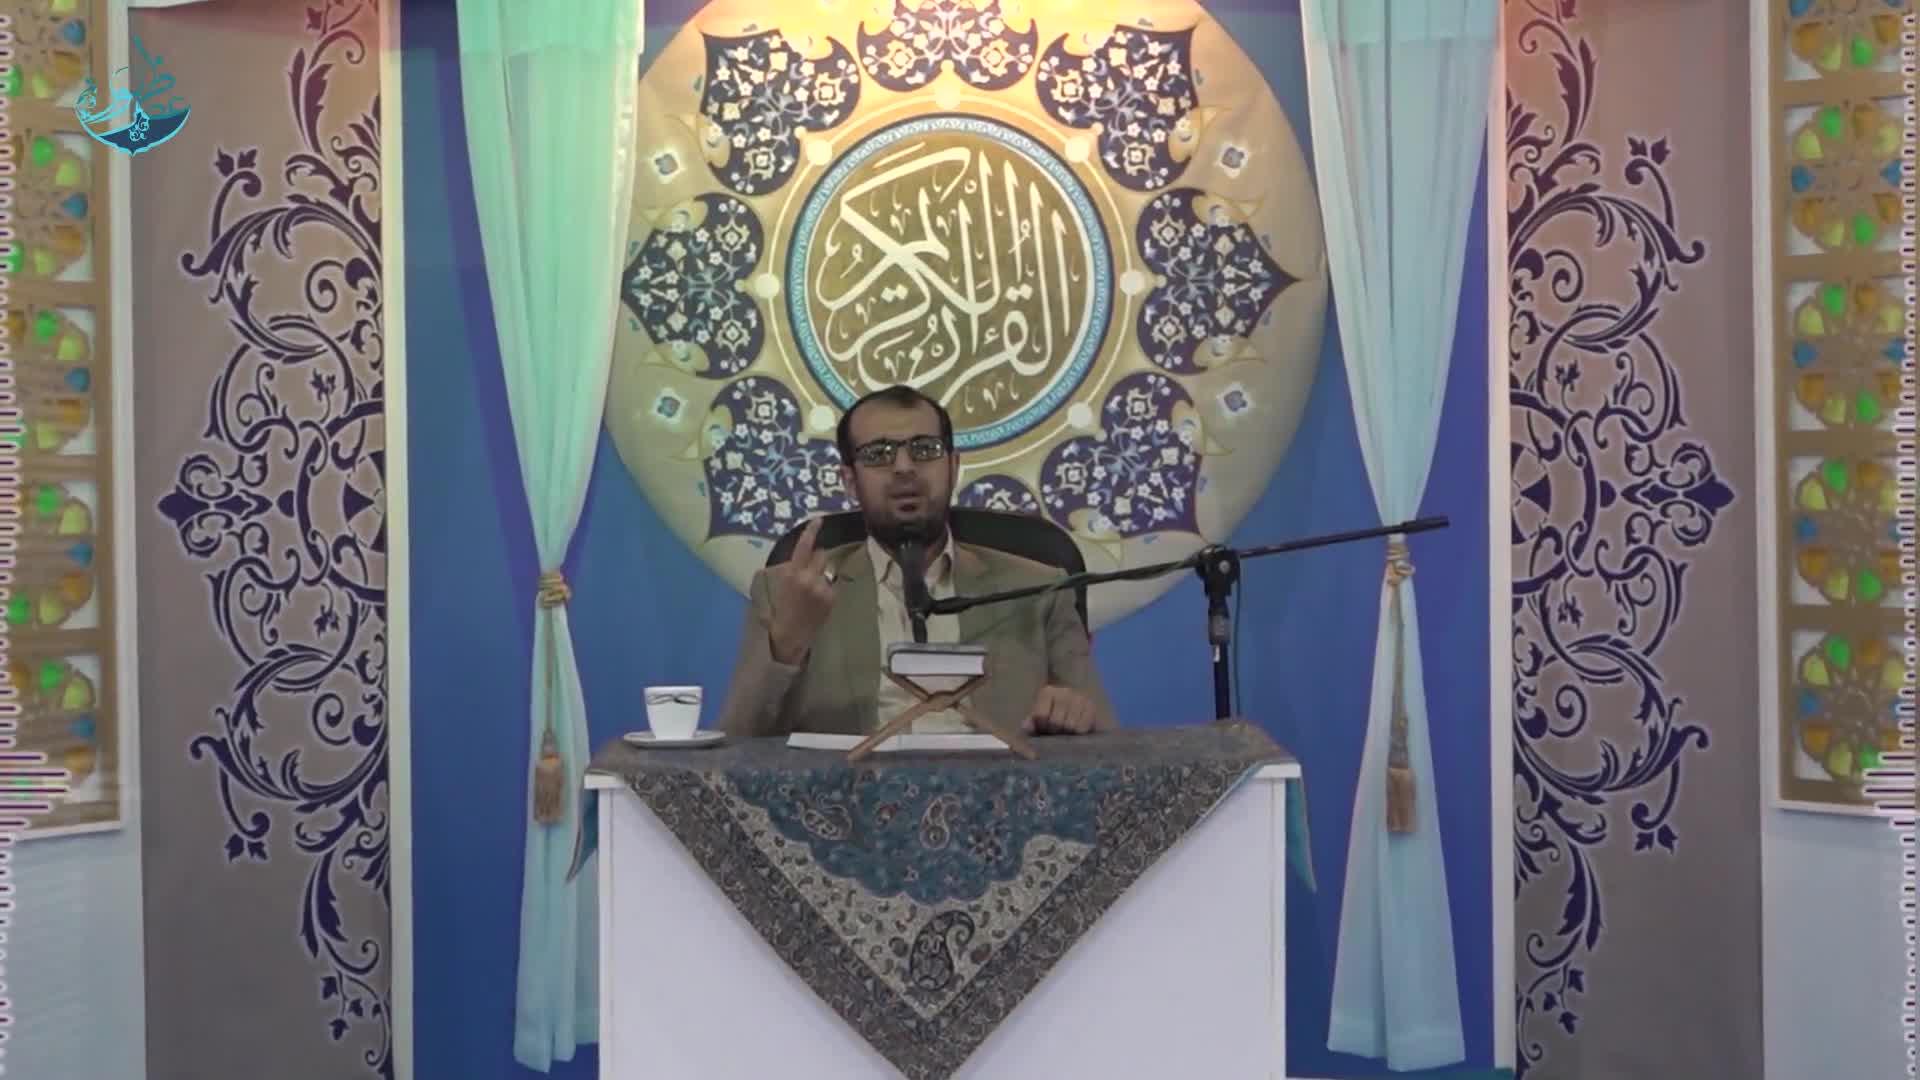 استاد خاتمی نژاد - اسلام گمشده این روزها